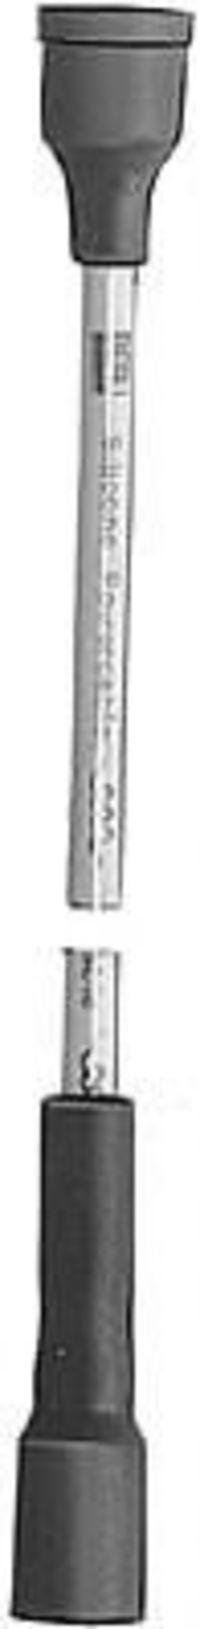 Провод высоковольтный BERU R 7